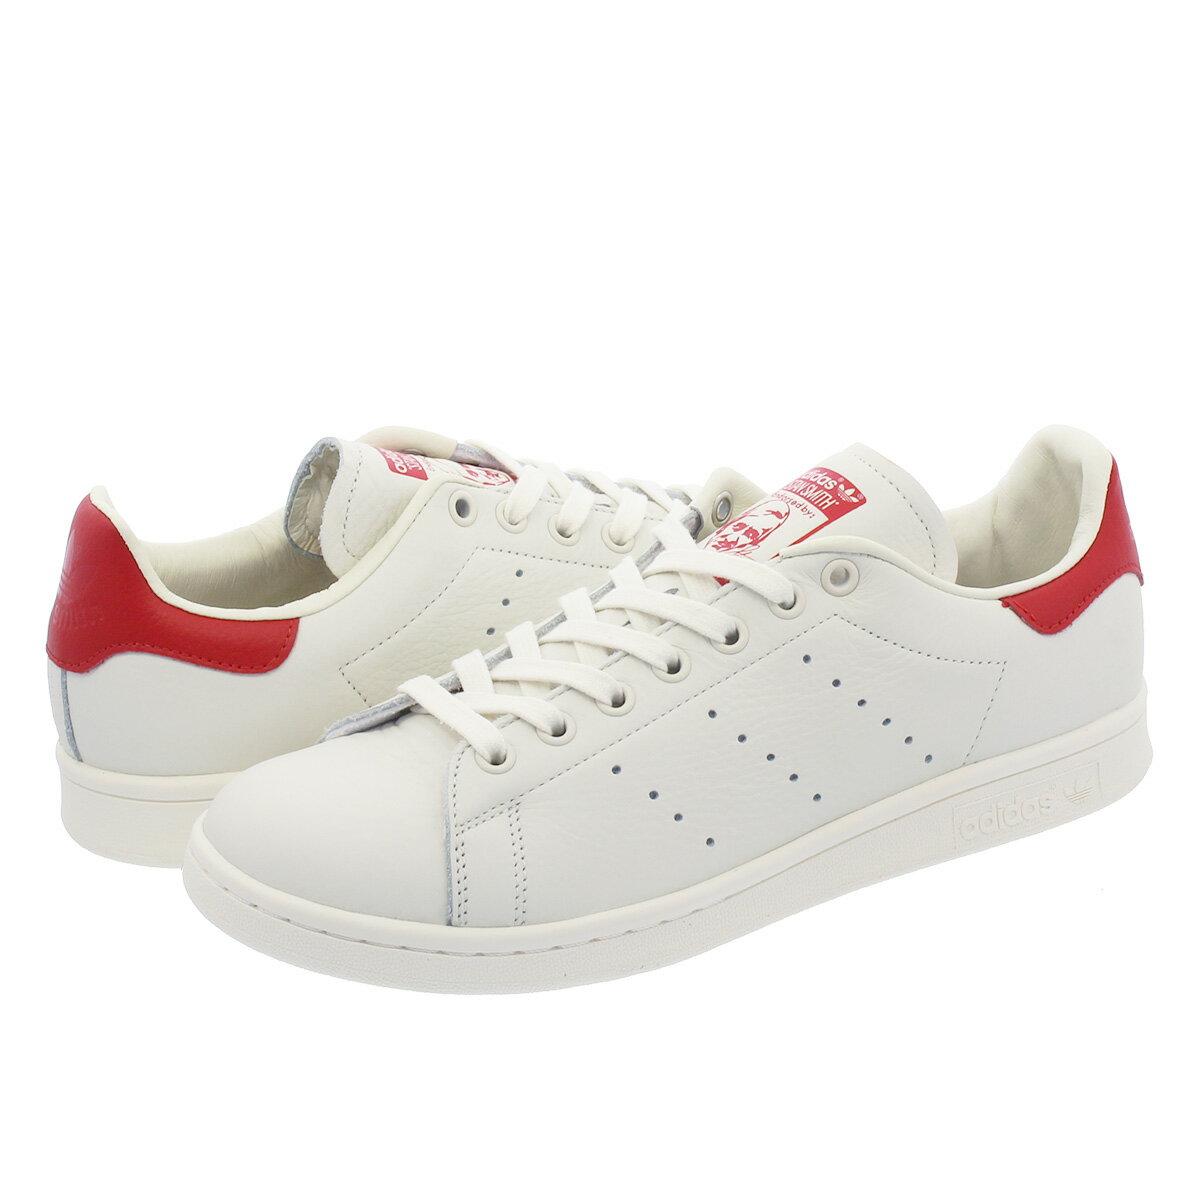 レディース靴, スニーカー SALE adidas STAN SMITH adidas Originals CHALK WHITESCARLET b37898